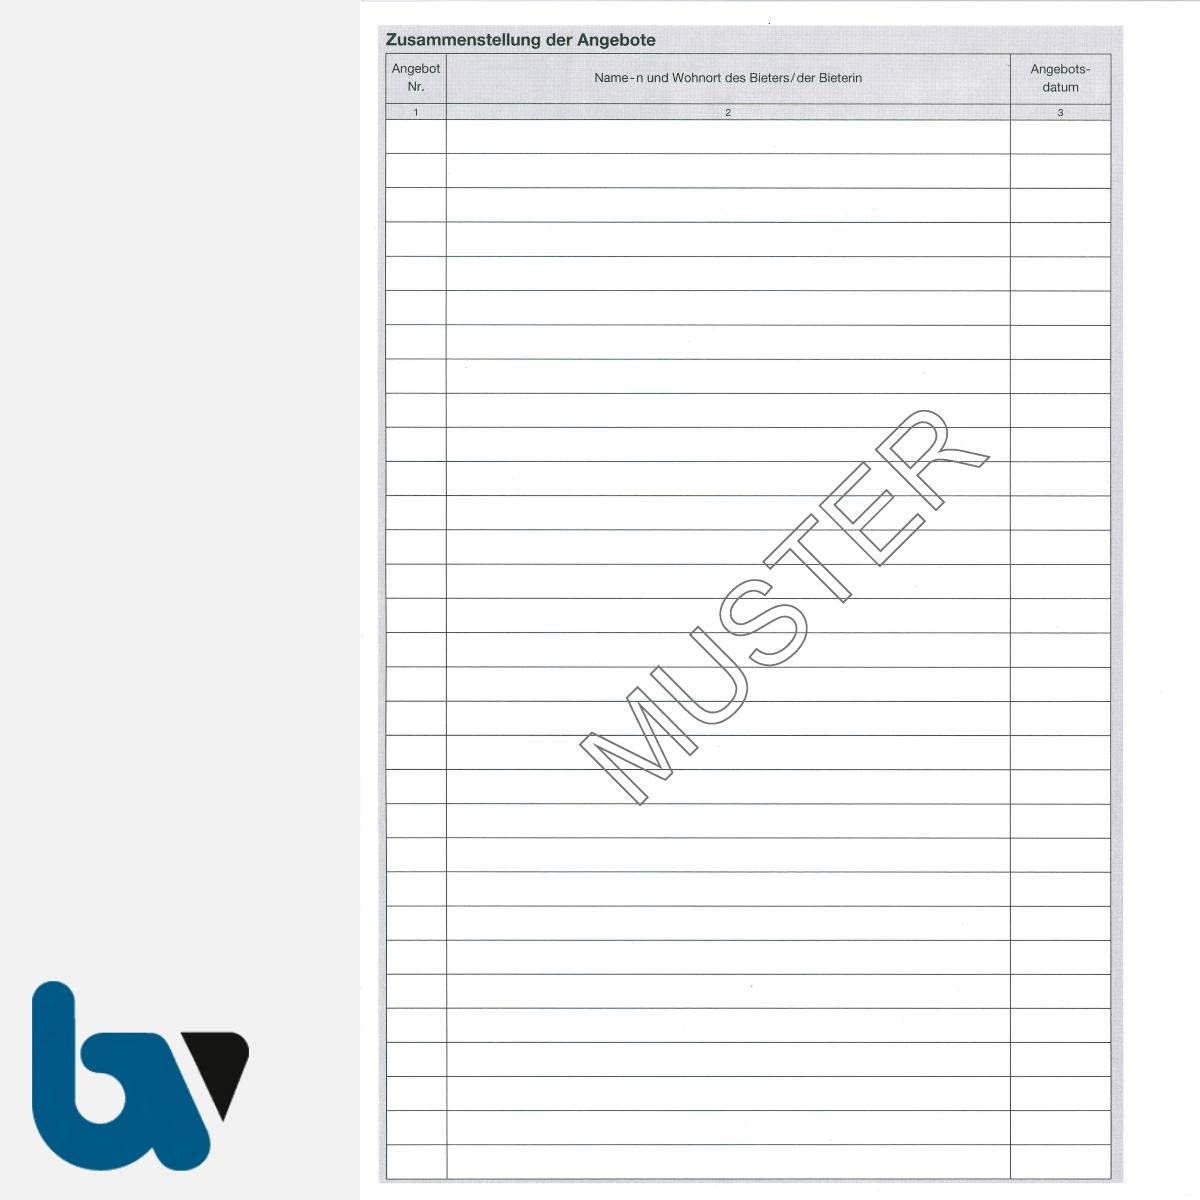 3/704-1a Verdingungsverhandlung Niederschrift Ausschreibung Submission VOB VOL Doppelbogen DIN A4 Seite 2 | Borgard Verlag GmbH